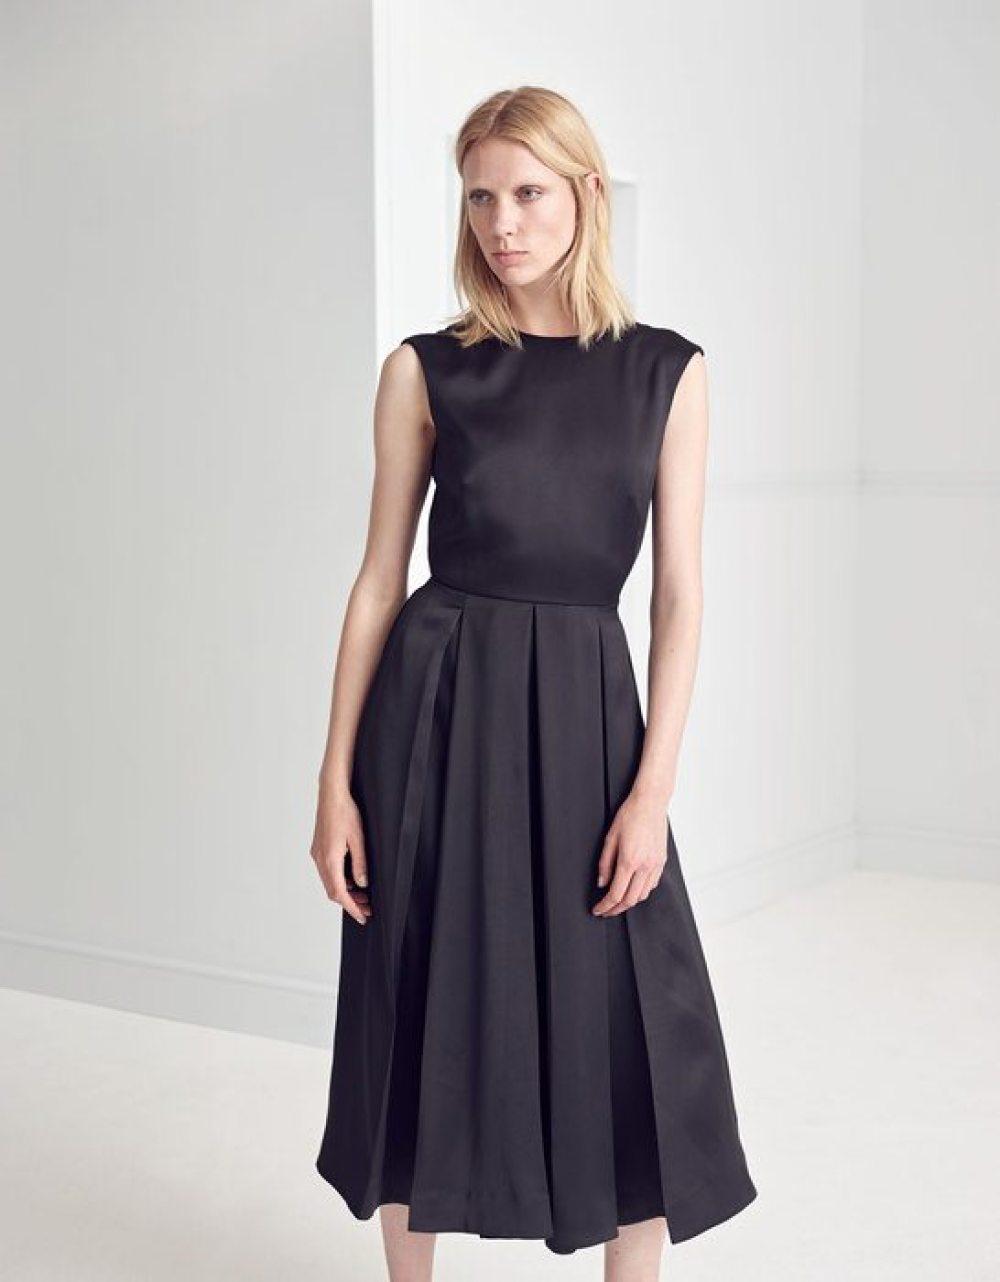 Black Tie for Women over 40